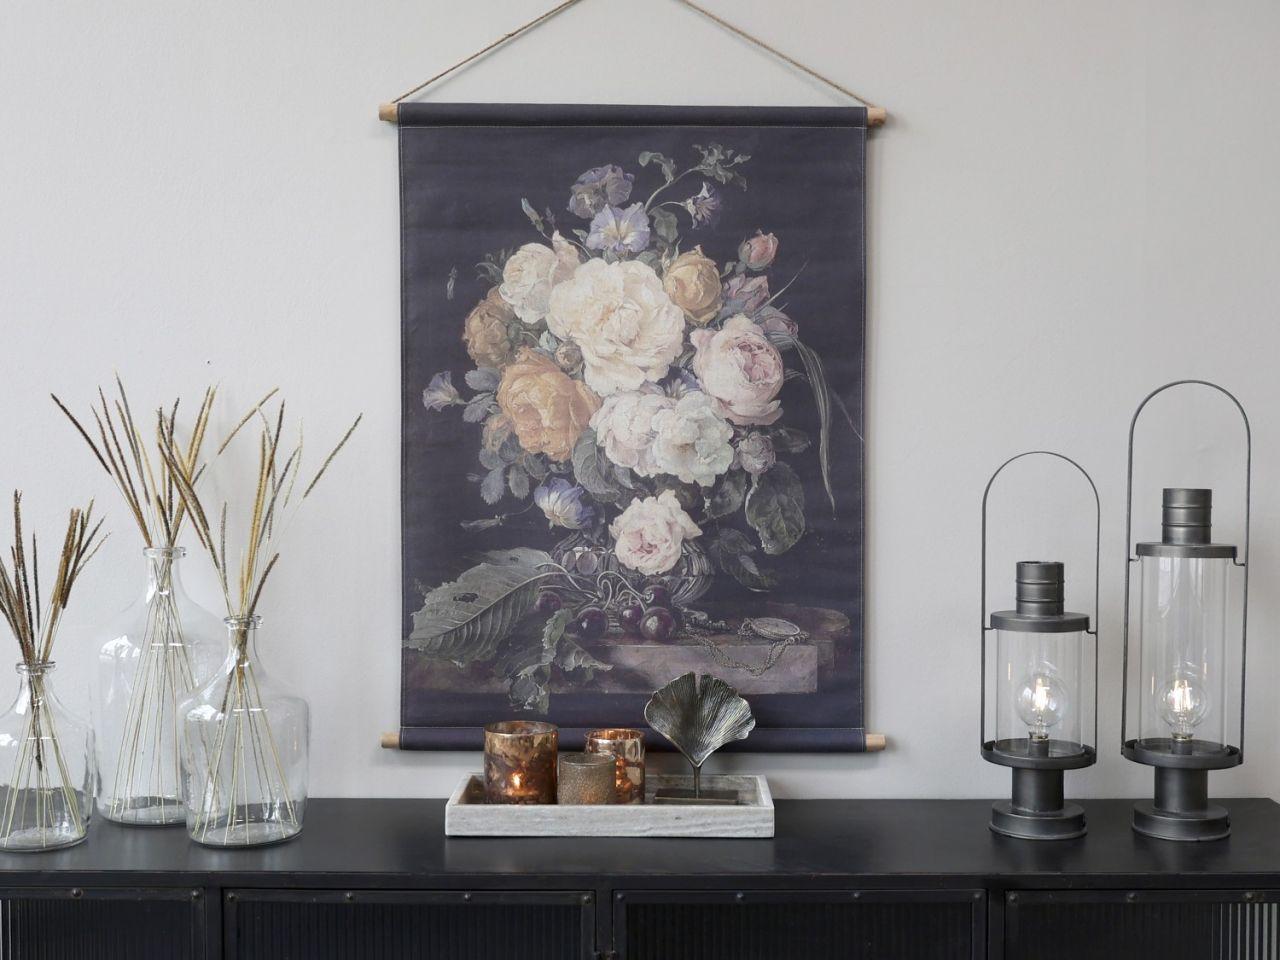 -Leinwandbild zum Aufhängen mit Blumendruck Variante 2k von Chic Antique-